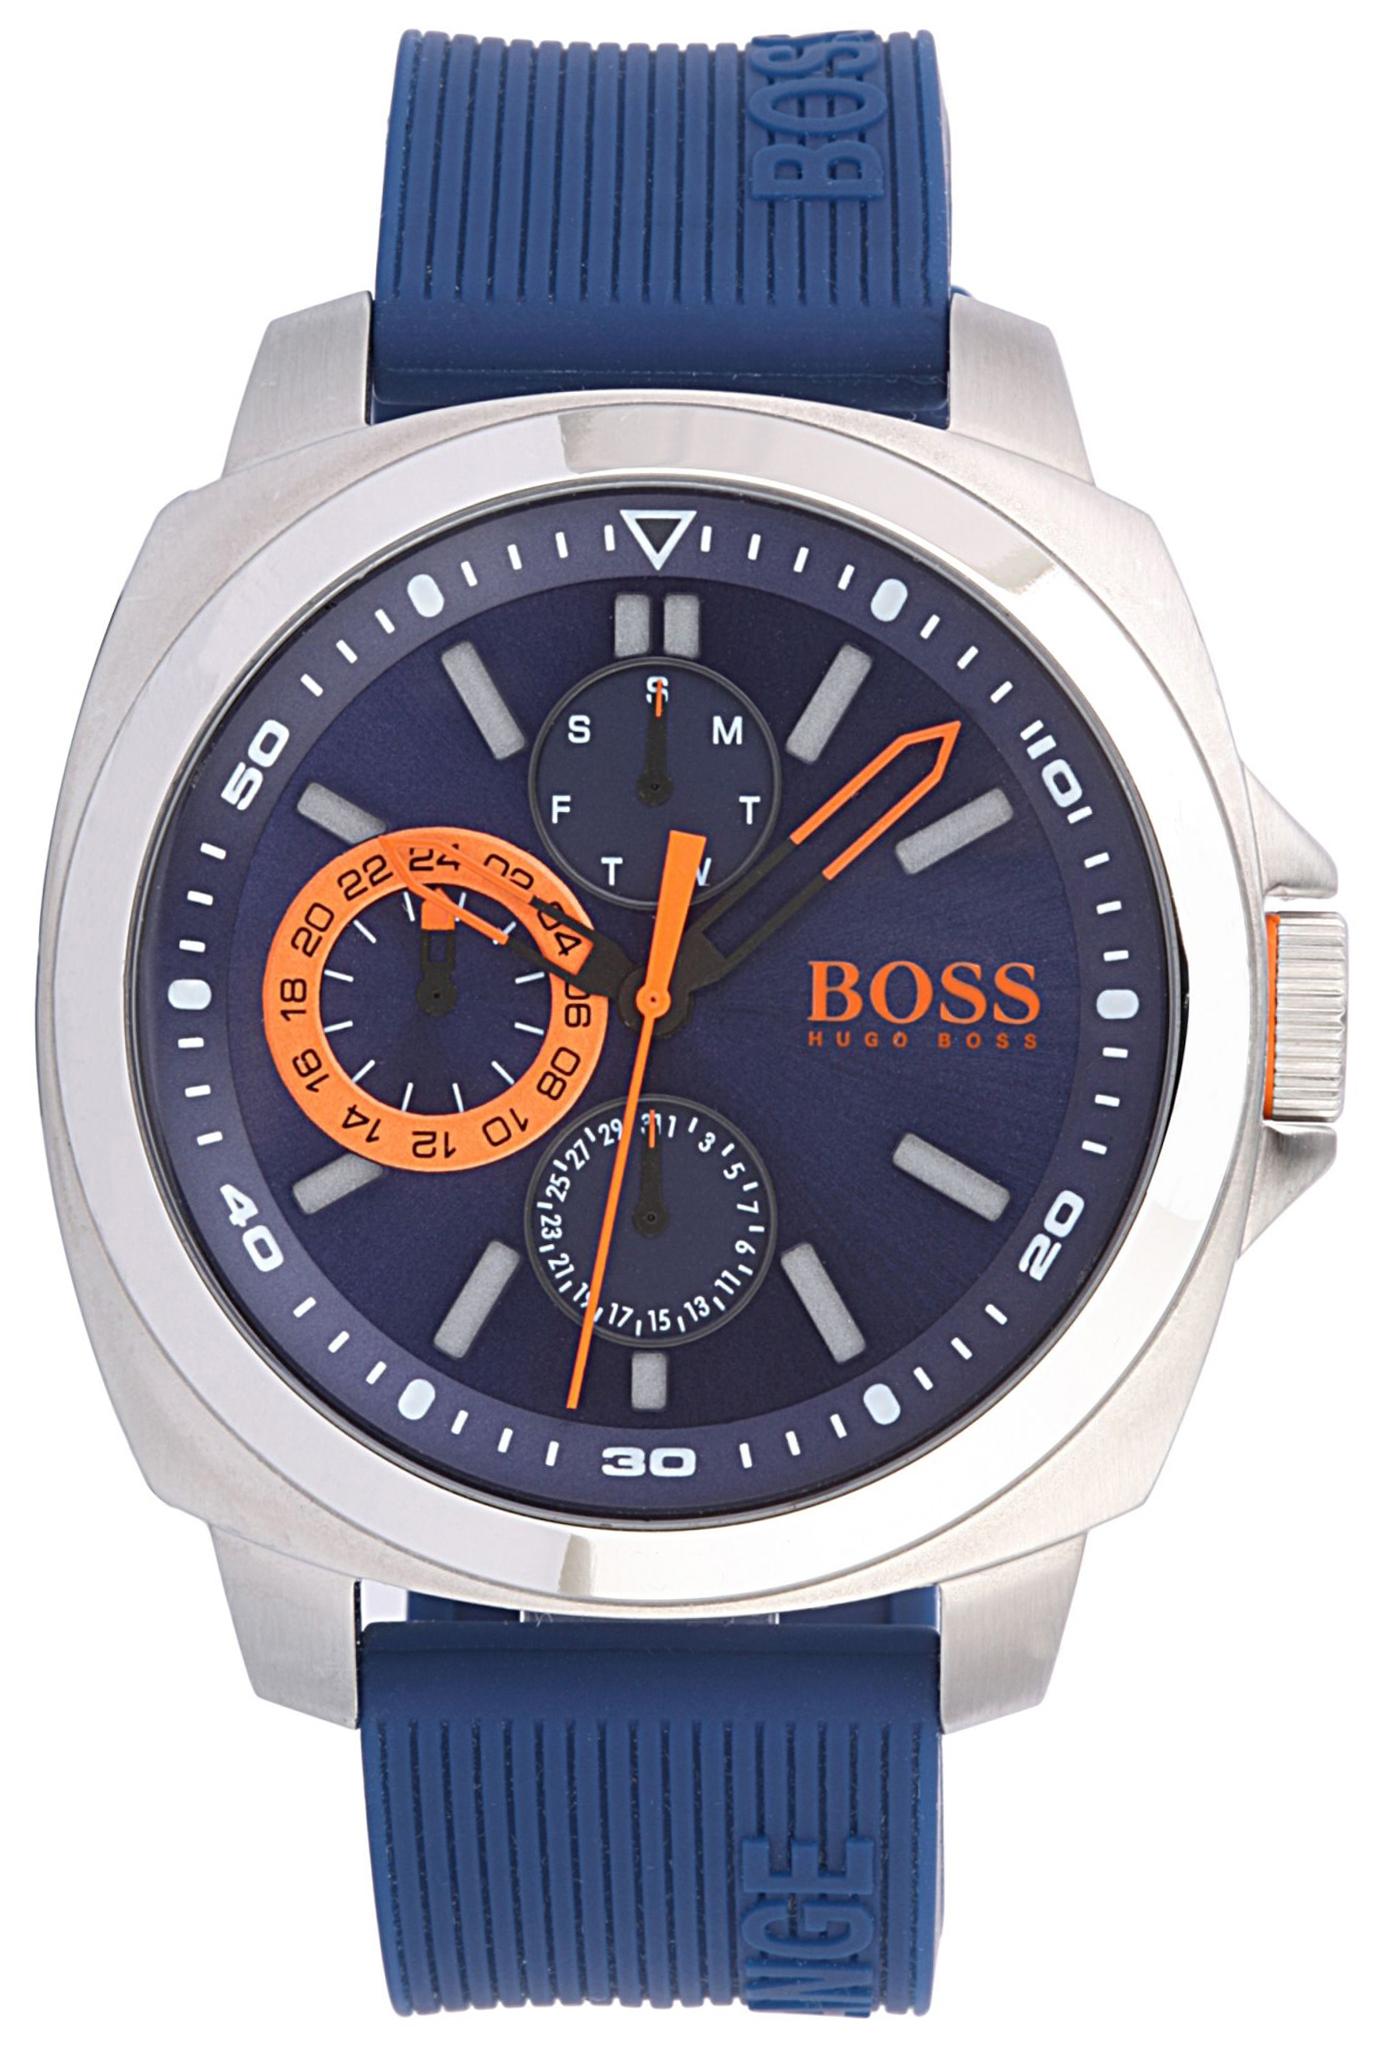 Hugo Boss Brisbane Herreklokke 1513102 Blå/Gummi Ø45 mm - Hugo Boss